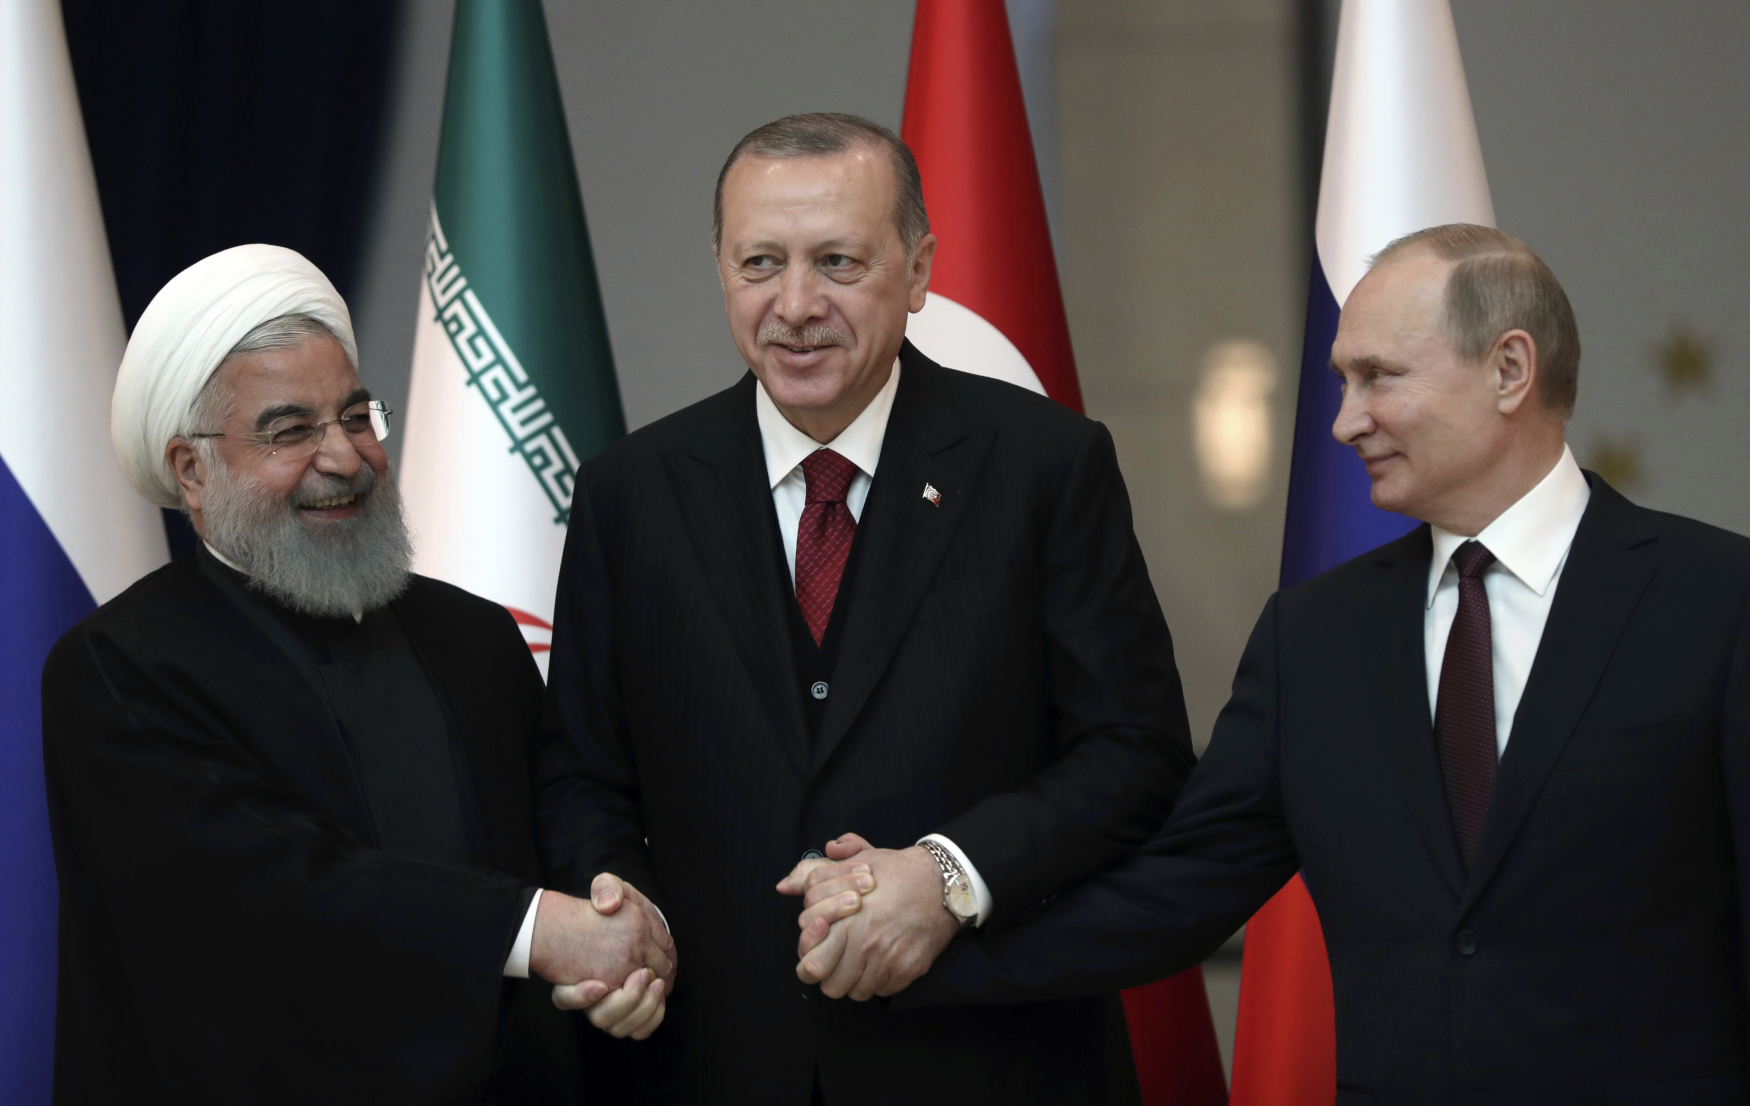 Setkání Recepa Tayyipa Erdogana s prezidenty Íránu a Ruska směřuje k překreslení dosavadní politické moci v regionu